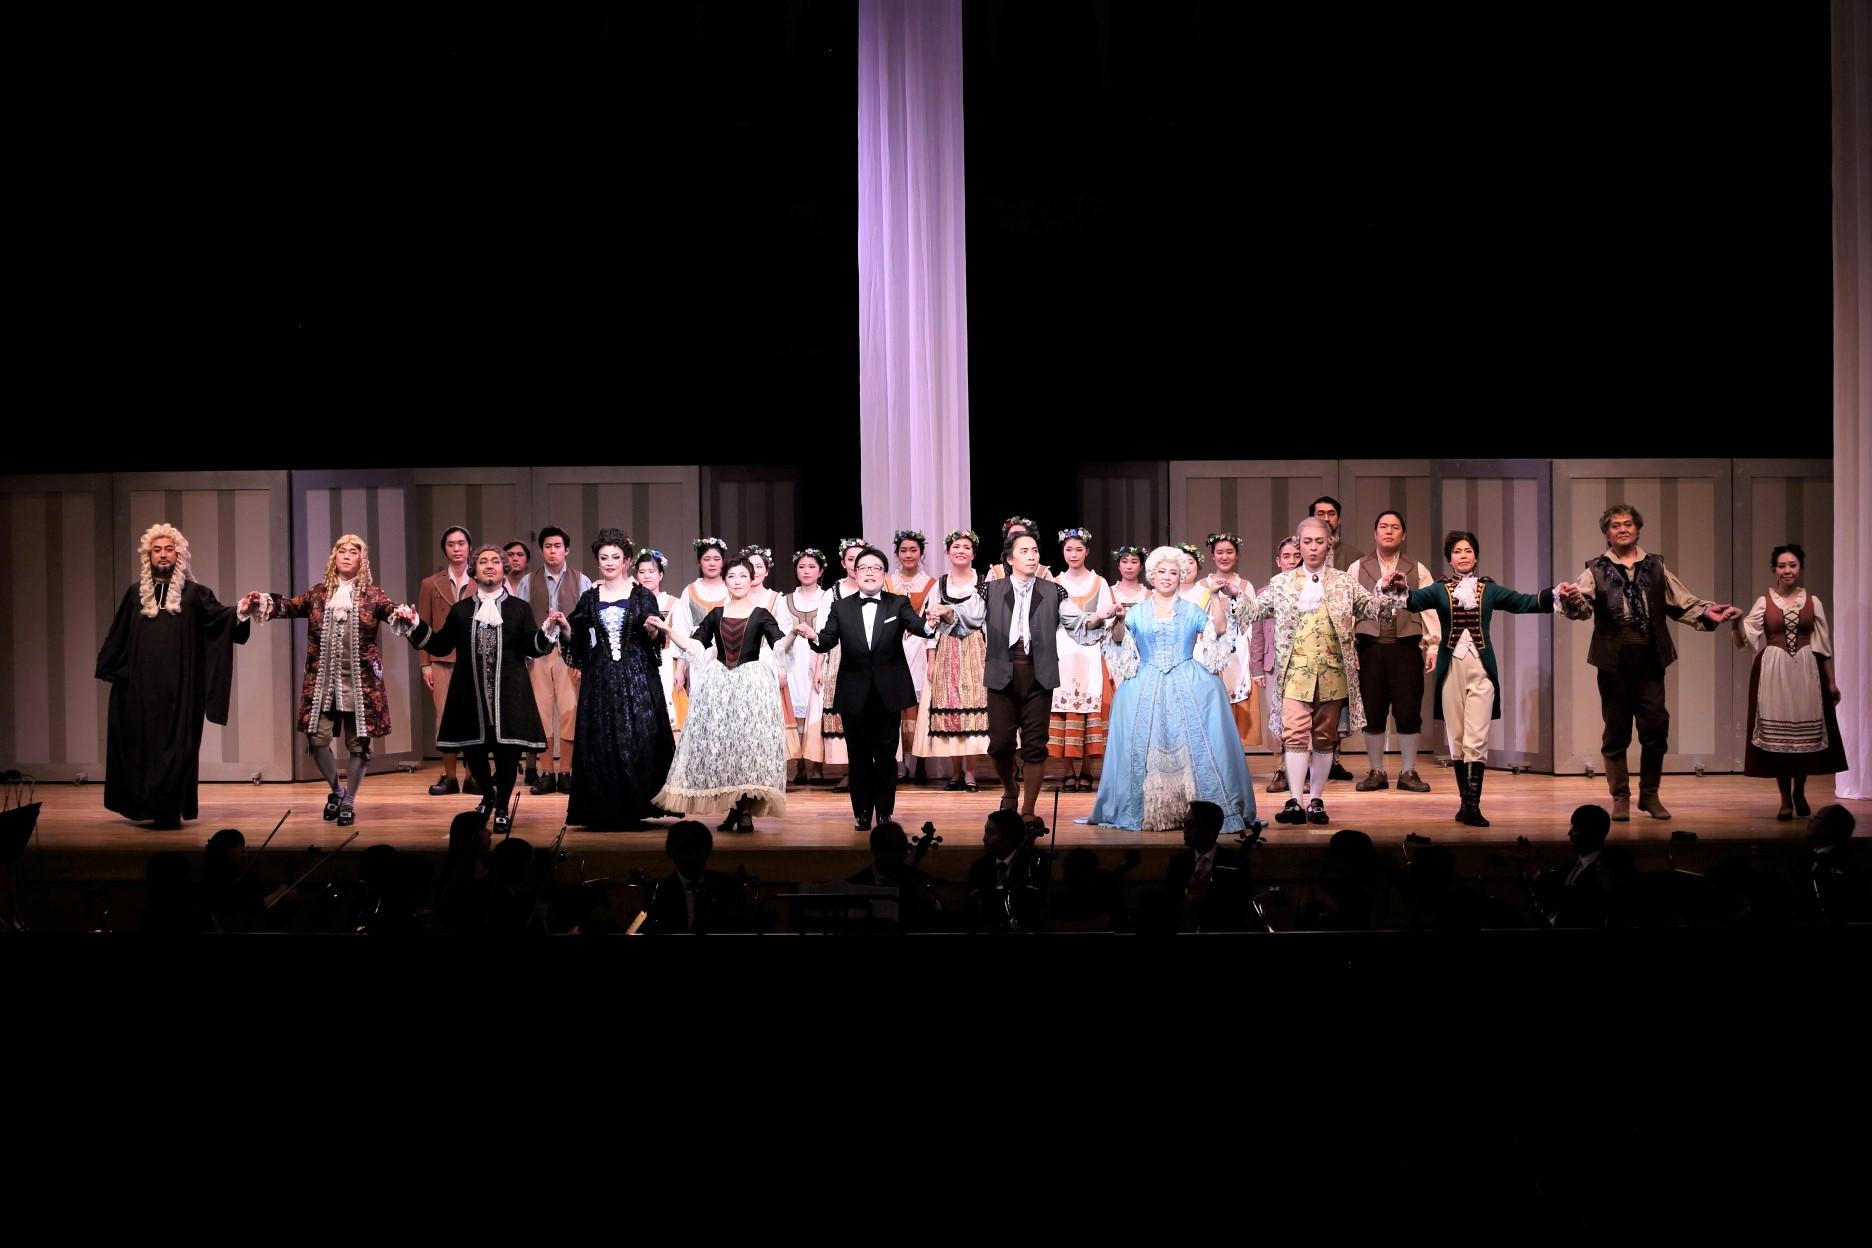 オペラで輝く!~《フィガロの結婚》の公演で達成感をかみしめた学生たち~